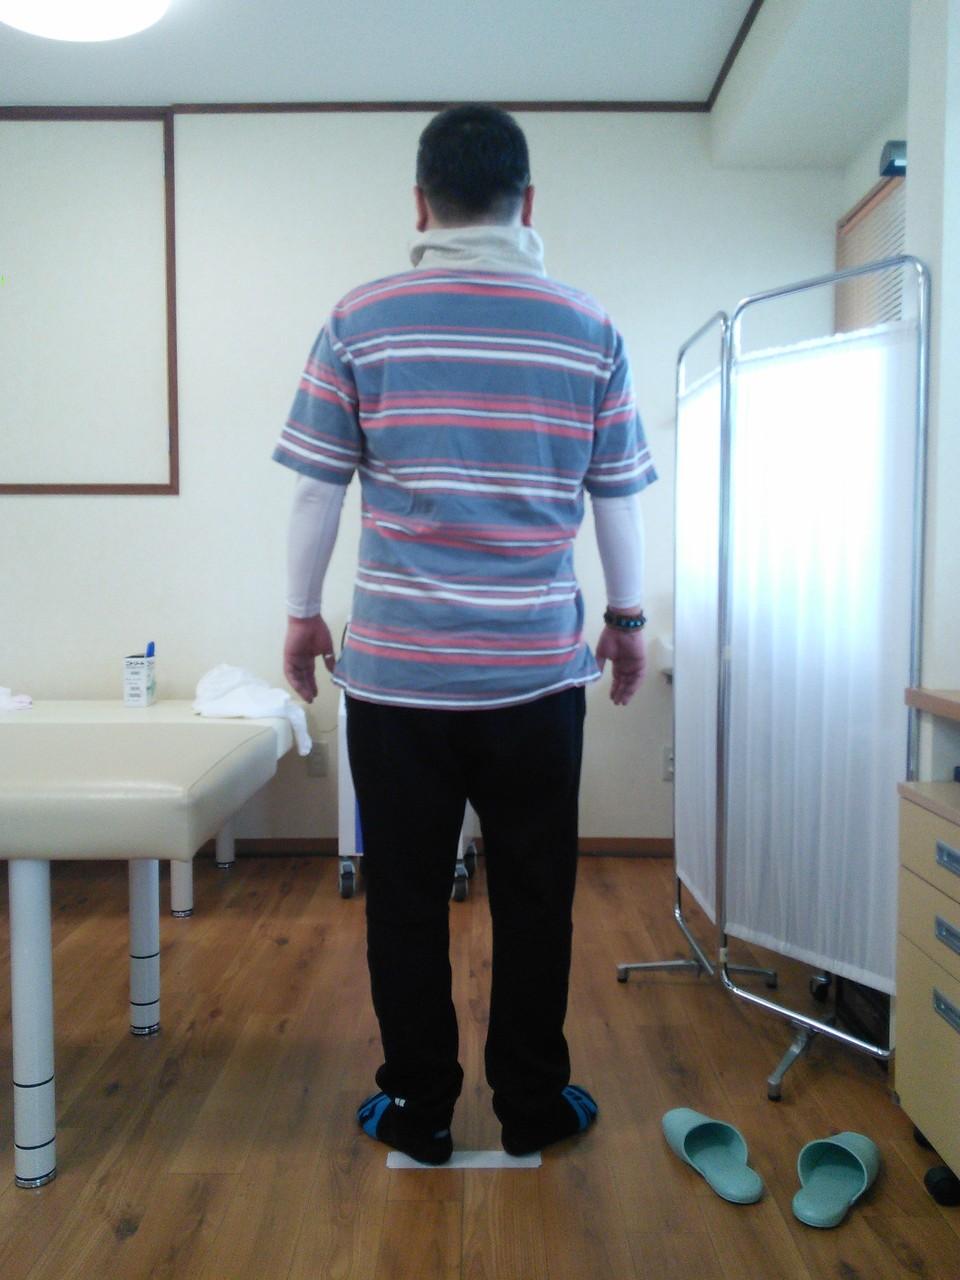 施術後、痛みも治まり姿勢も良くなりました。